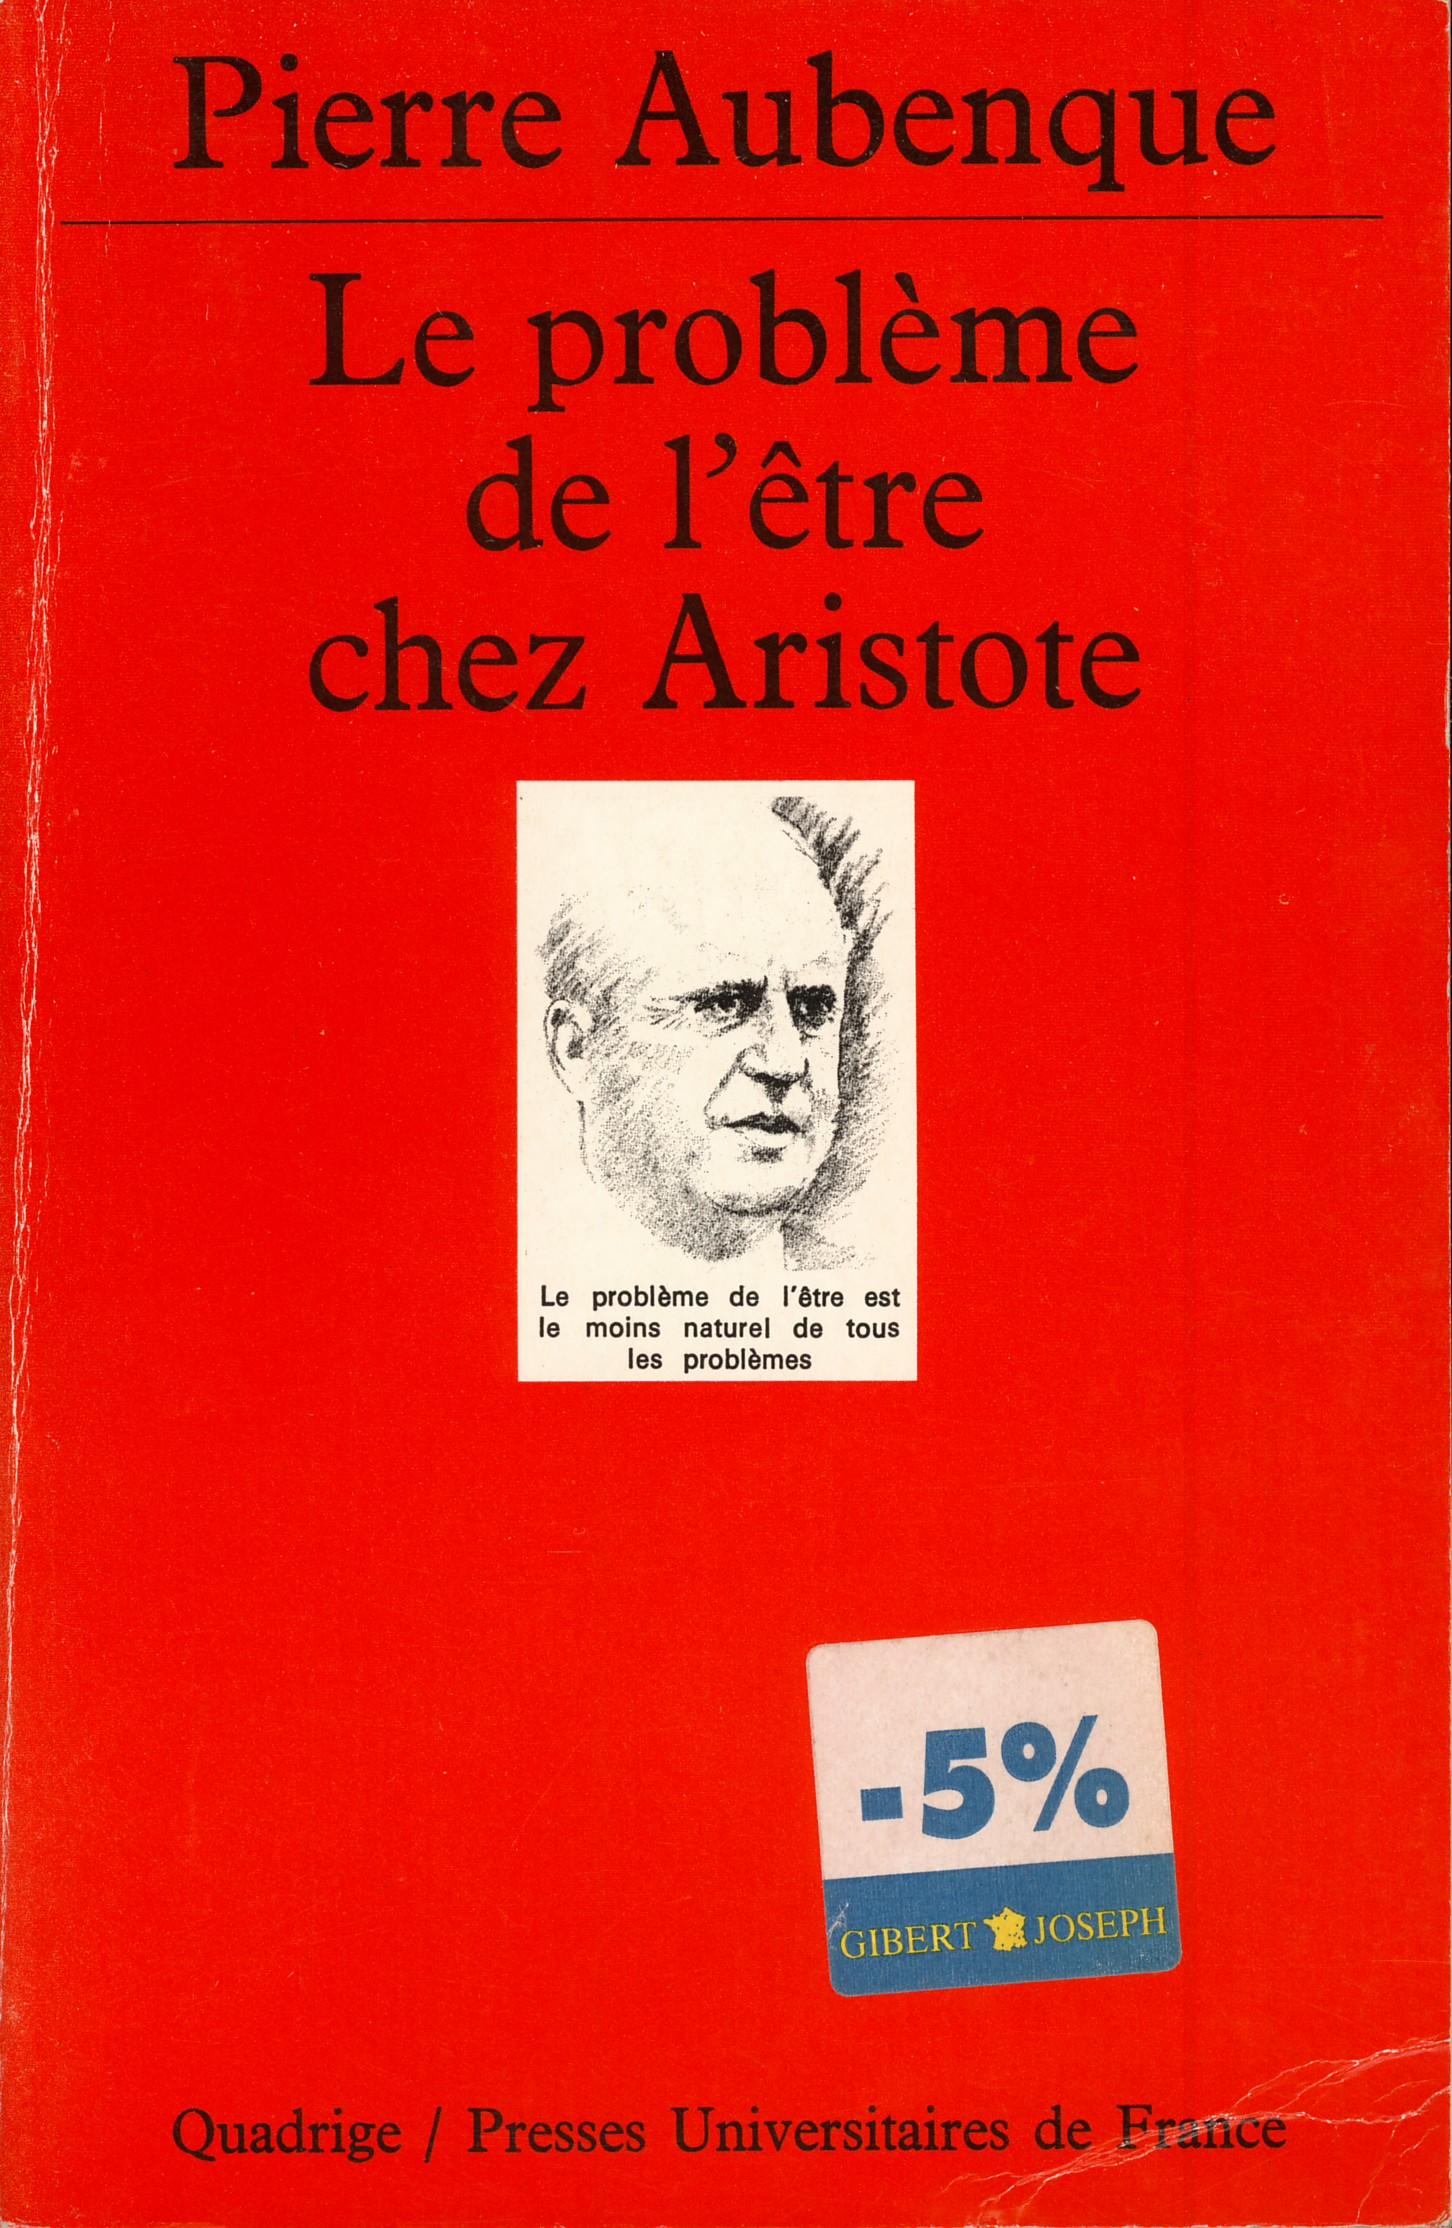 Le problème de l'être chez Aristote